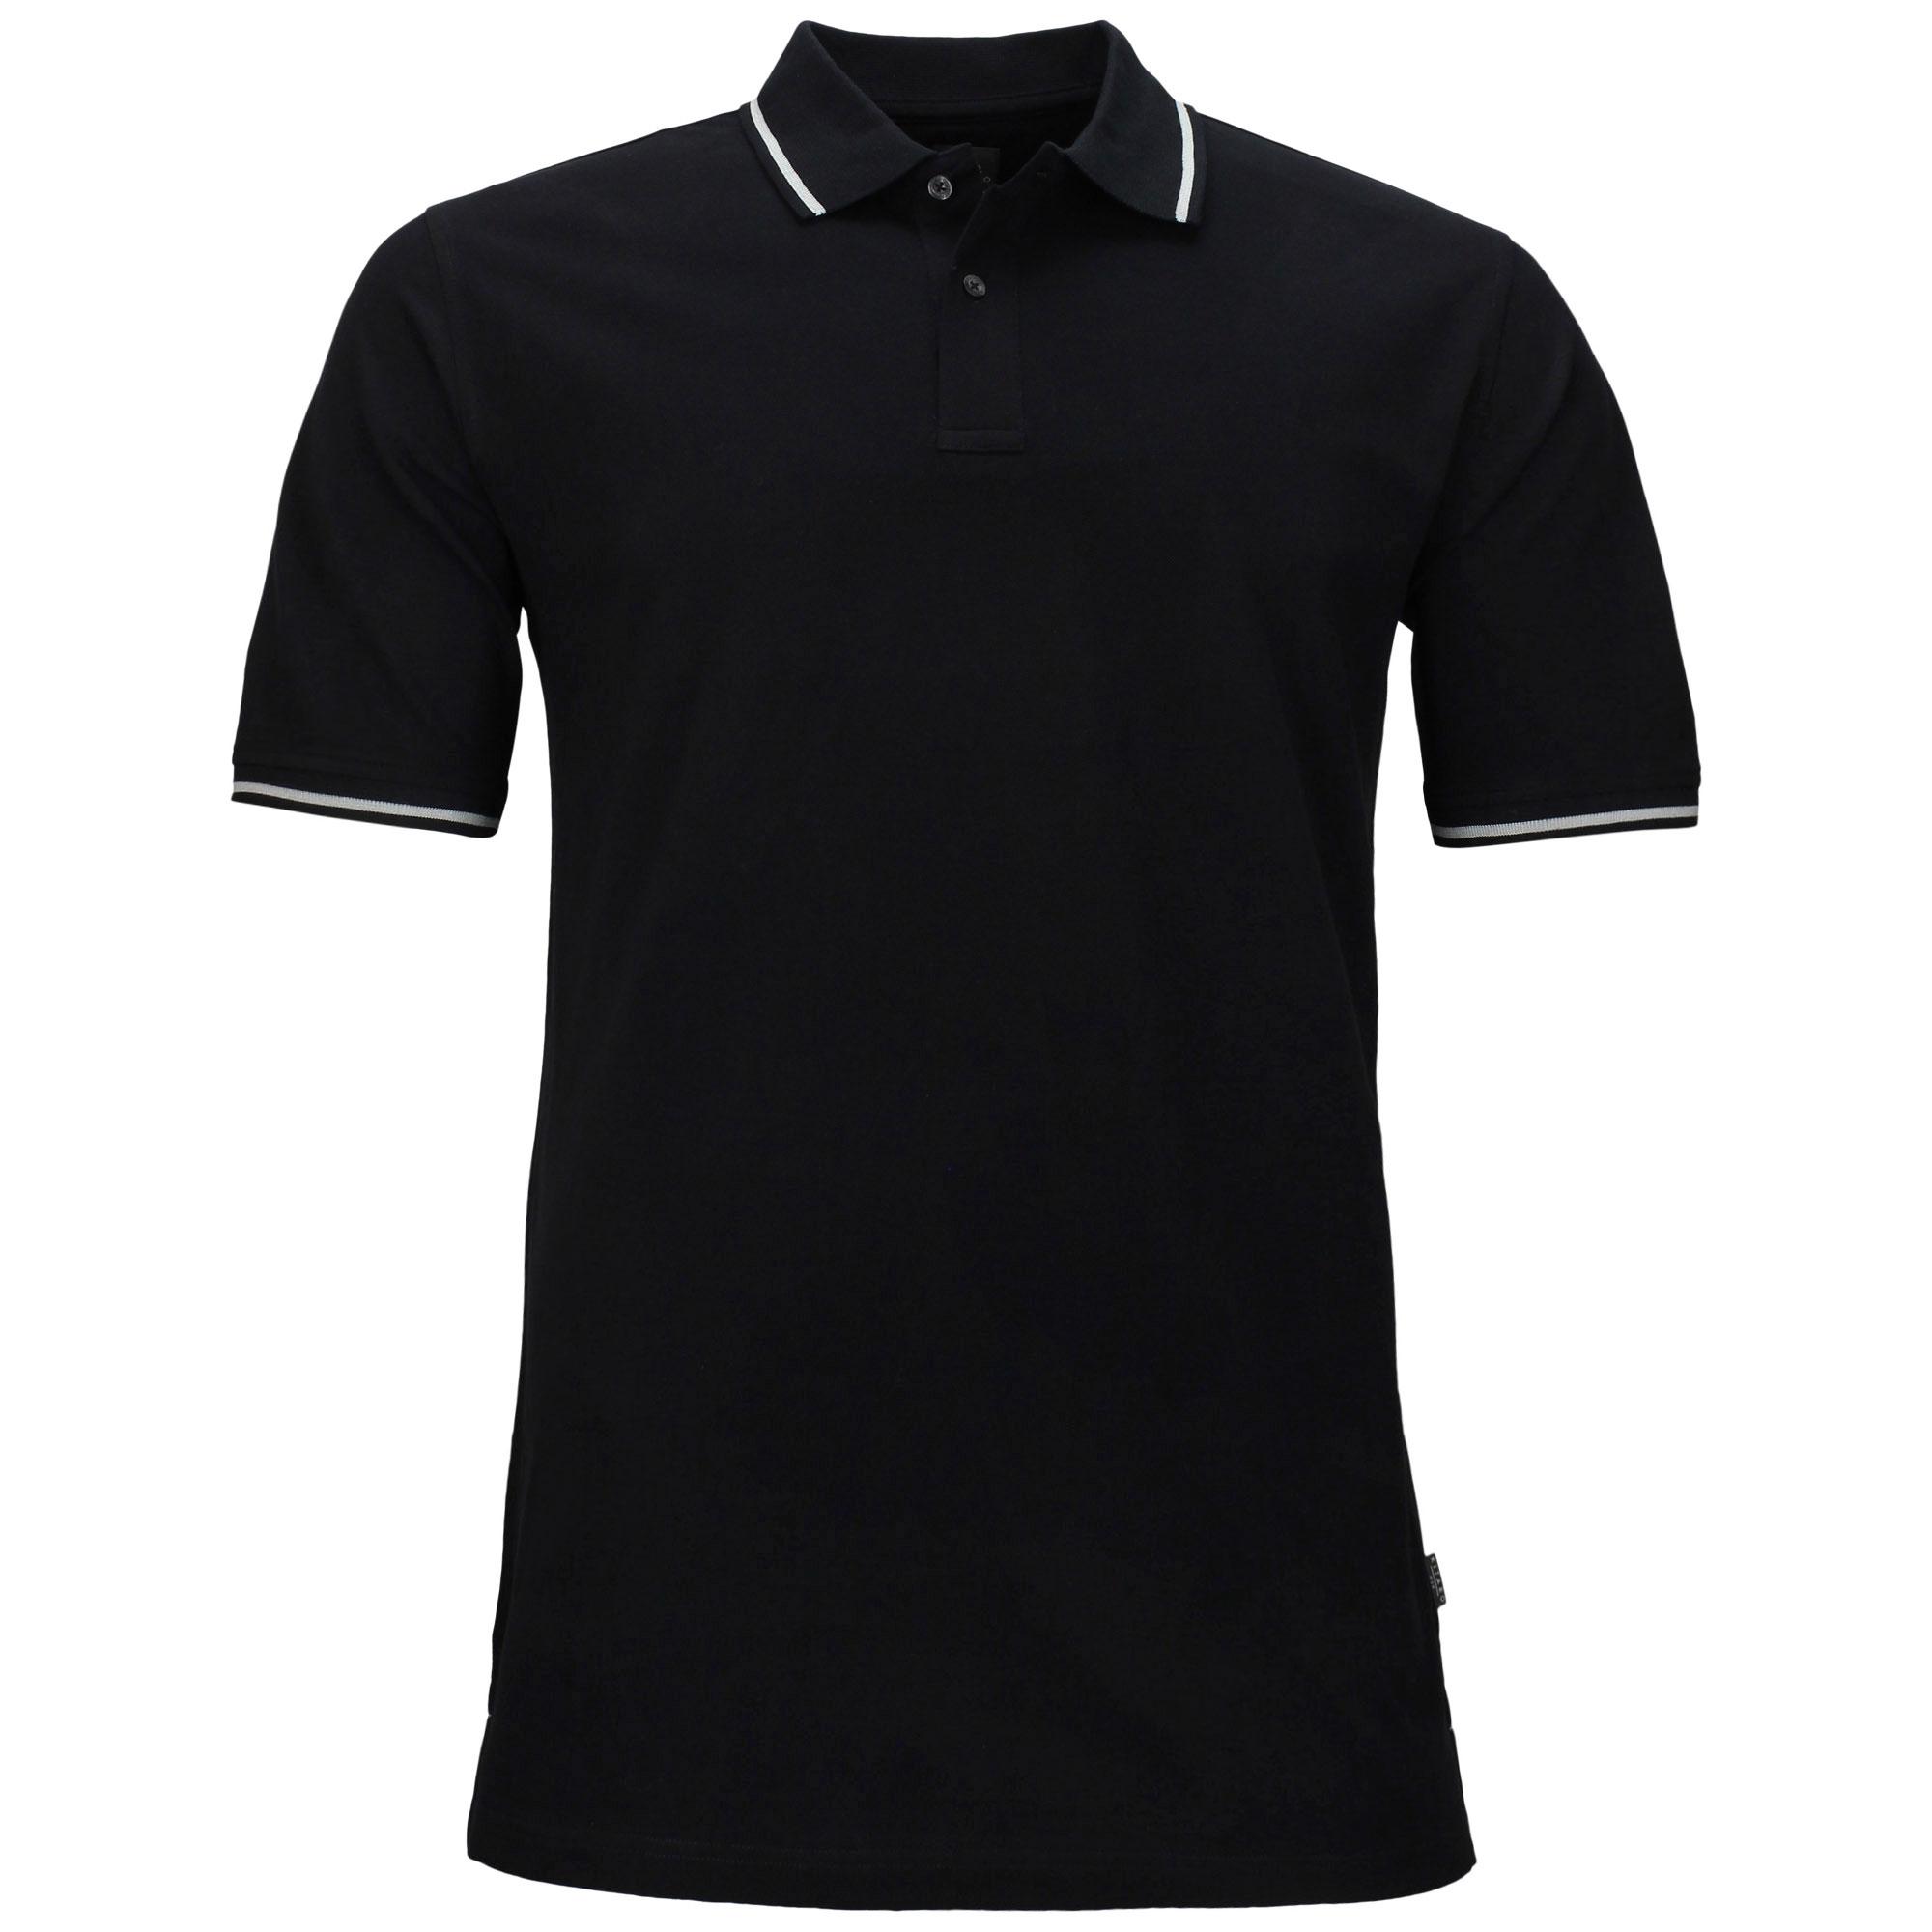 Übergrößen Poloshirt, schwarz